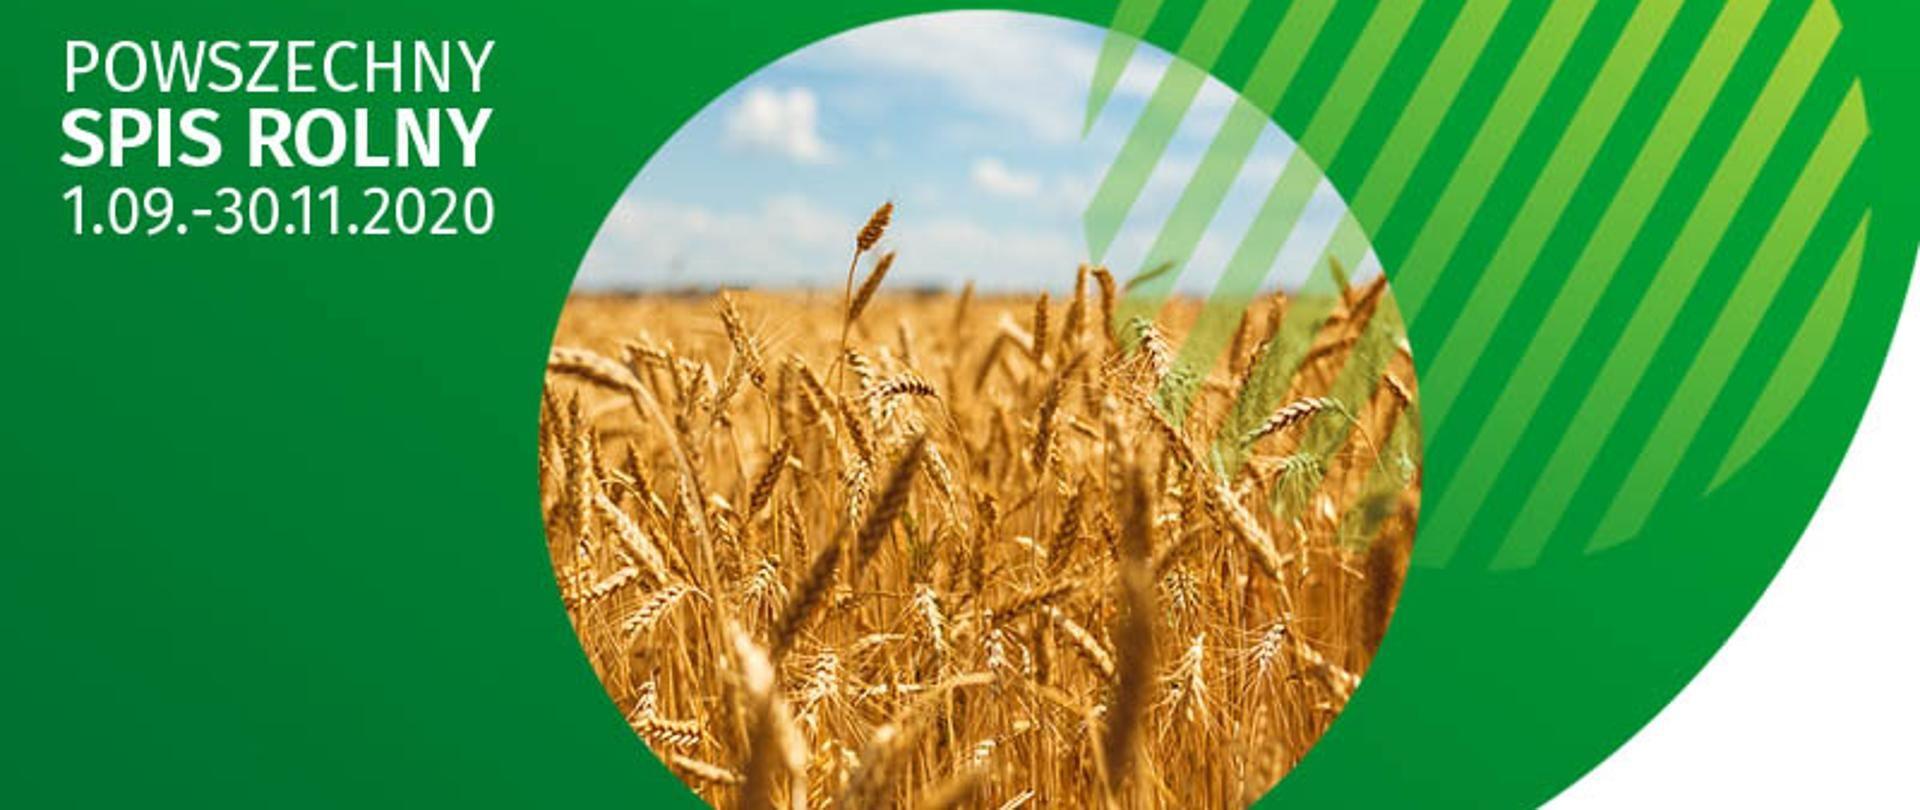 Banerz napisem Powszechny Spis Rolny 2020